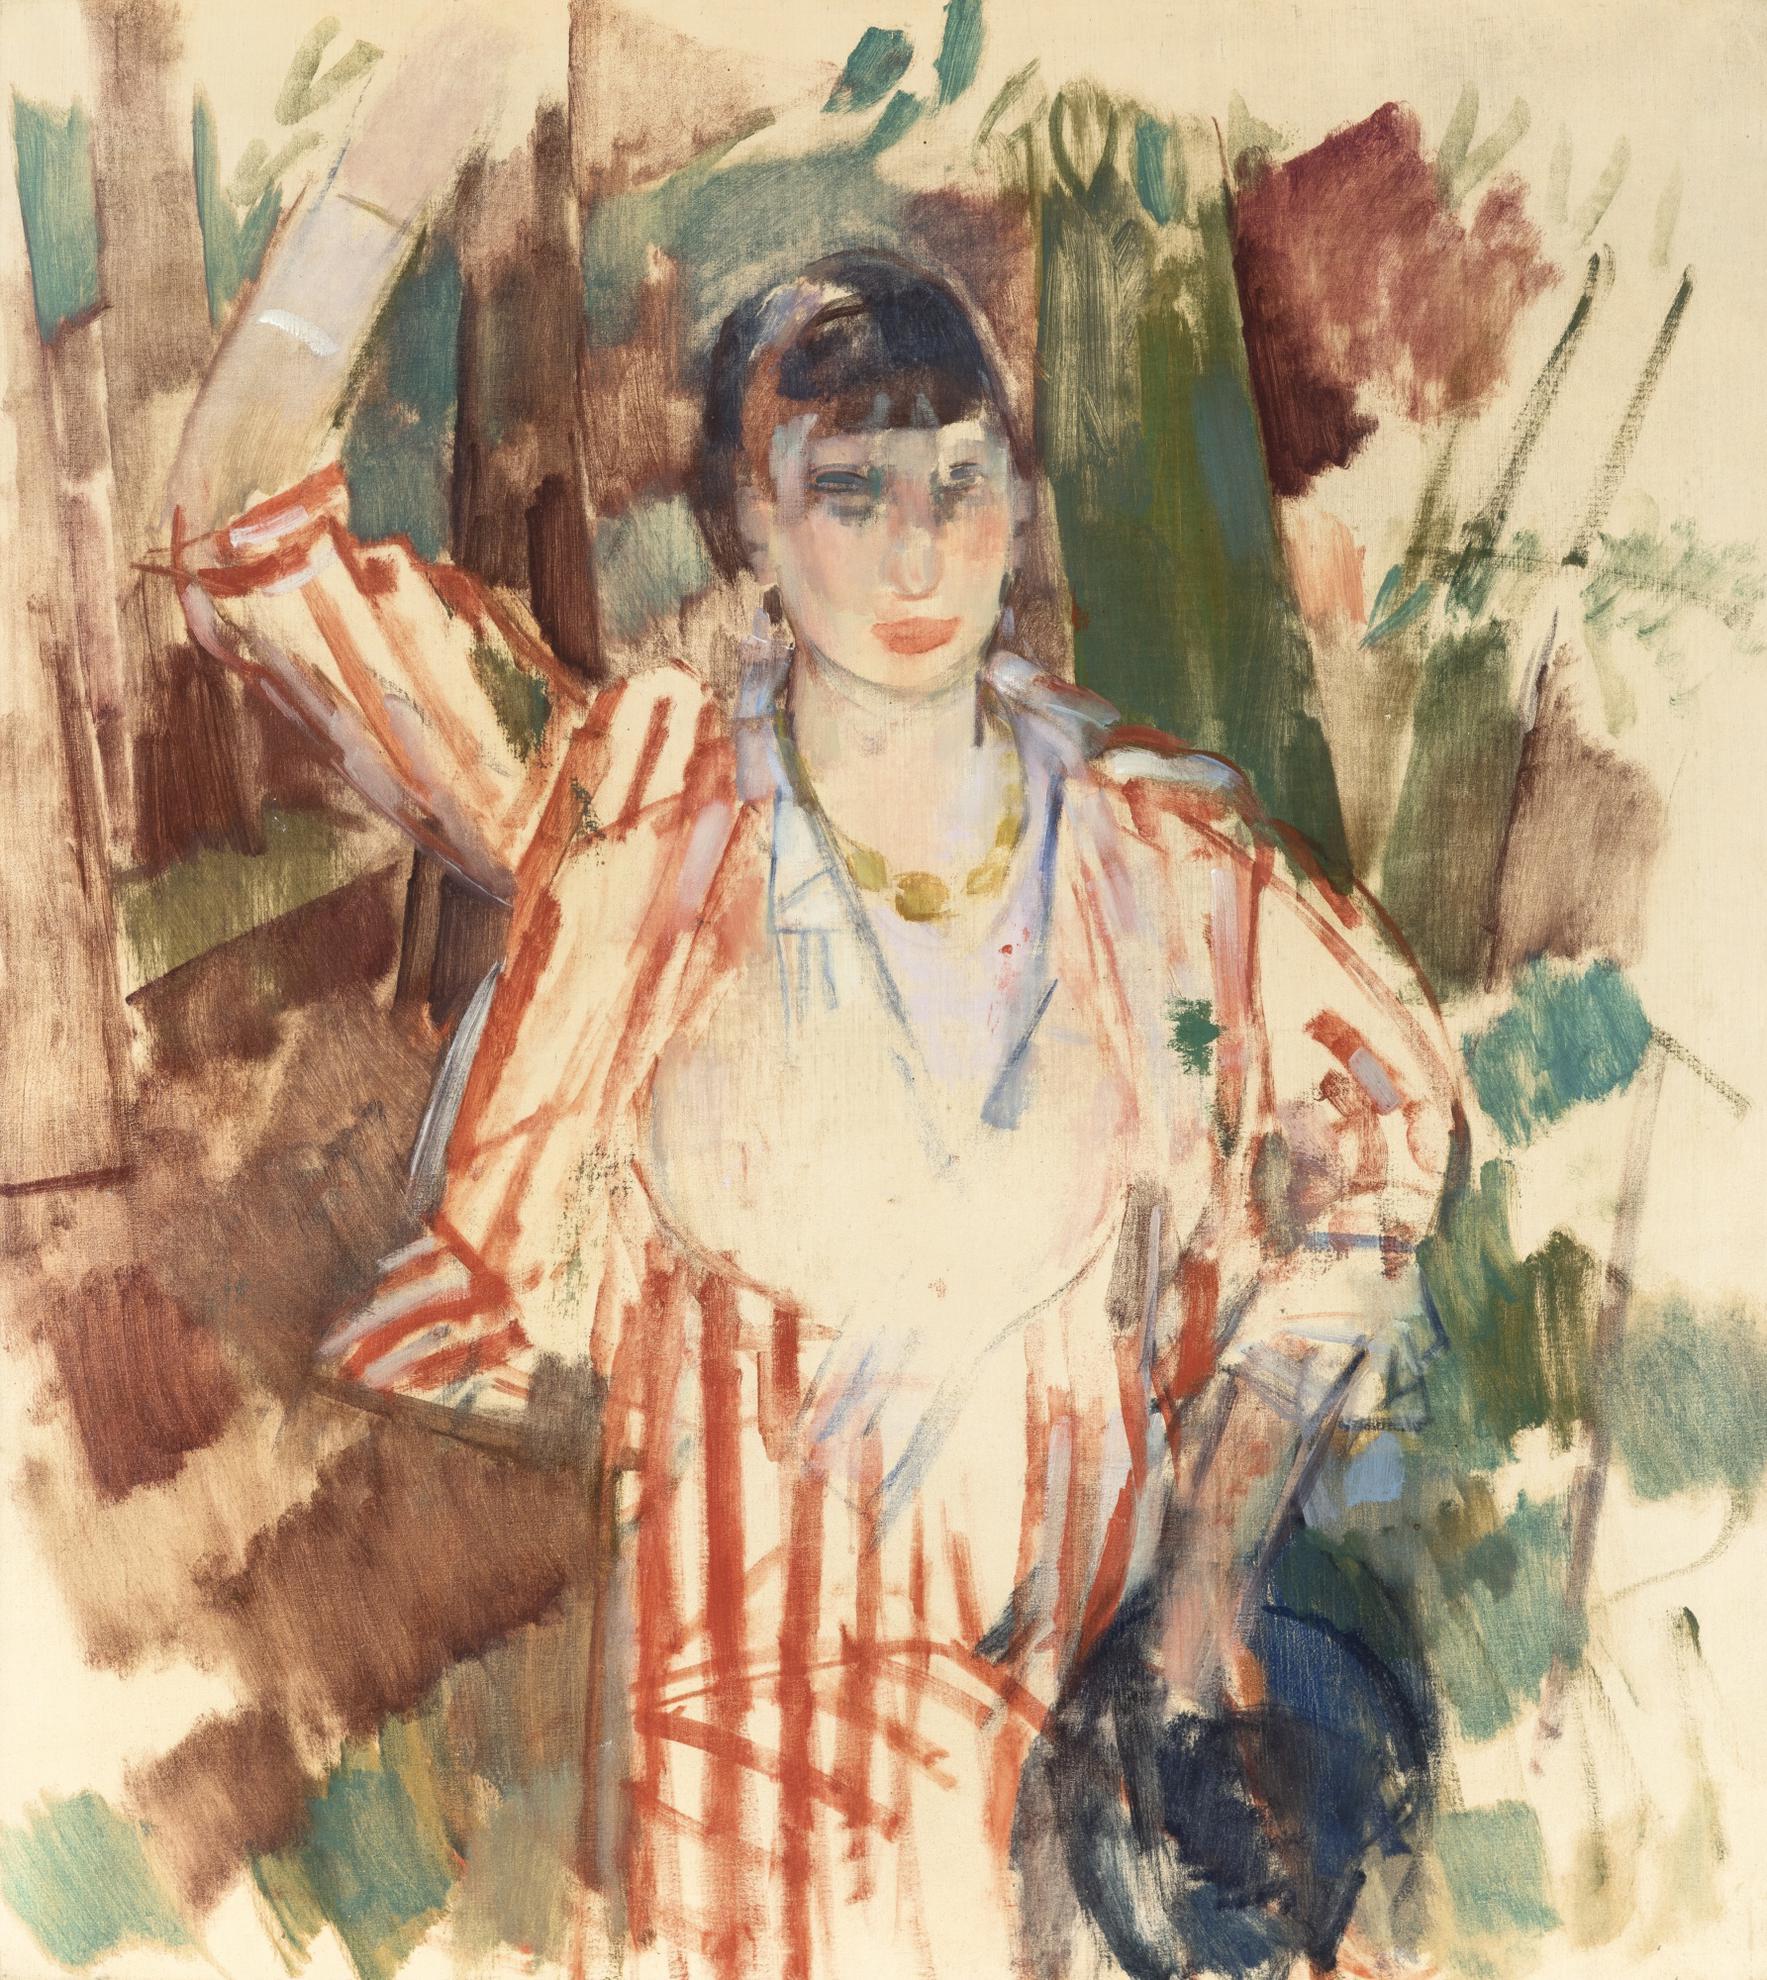 Rik Wouters-Femme En Foret, Chapeau Bleu A La Main, Bras Leve-1914